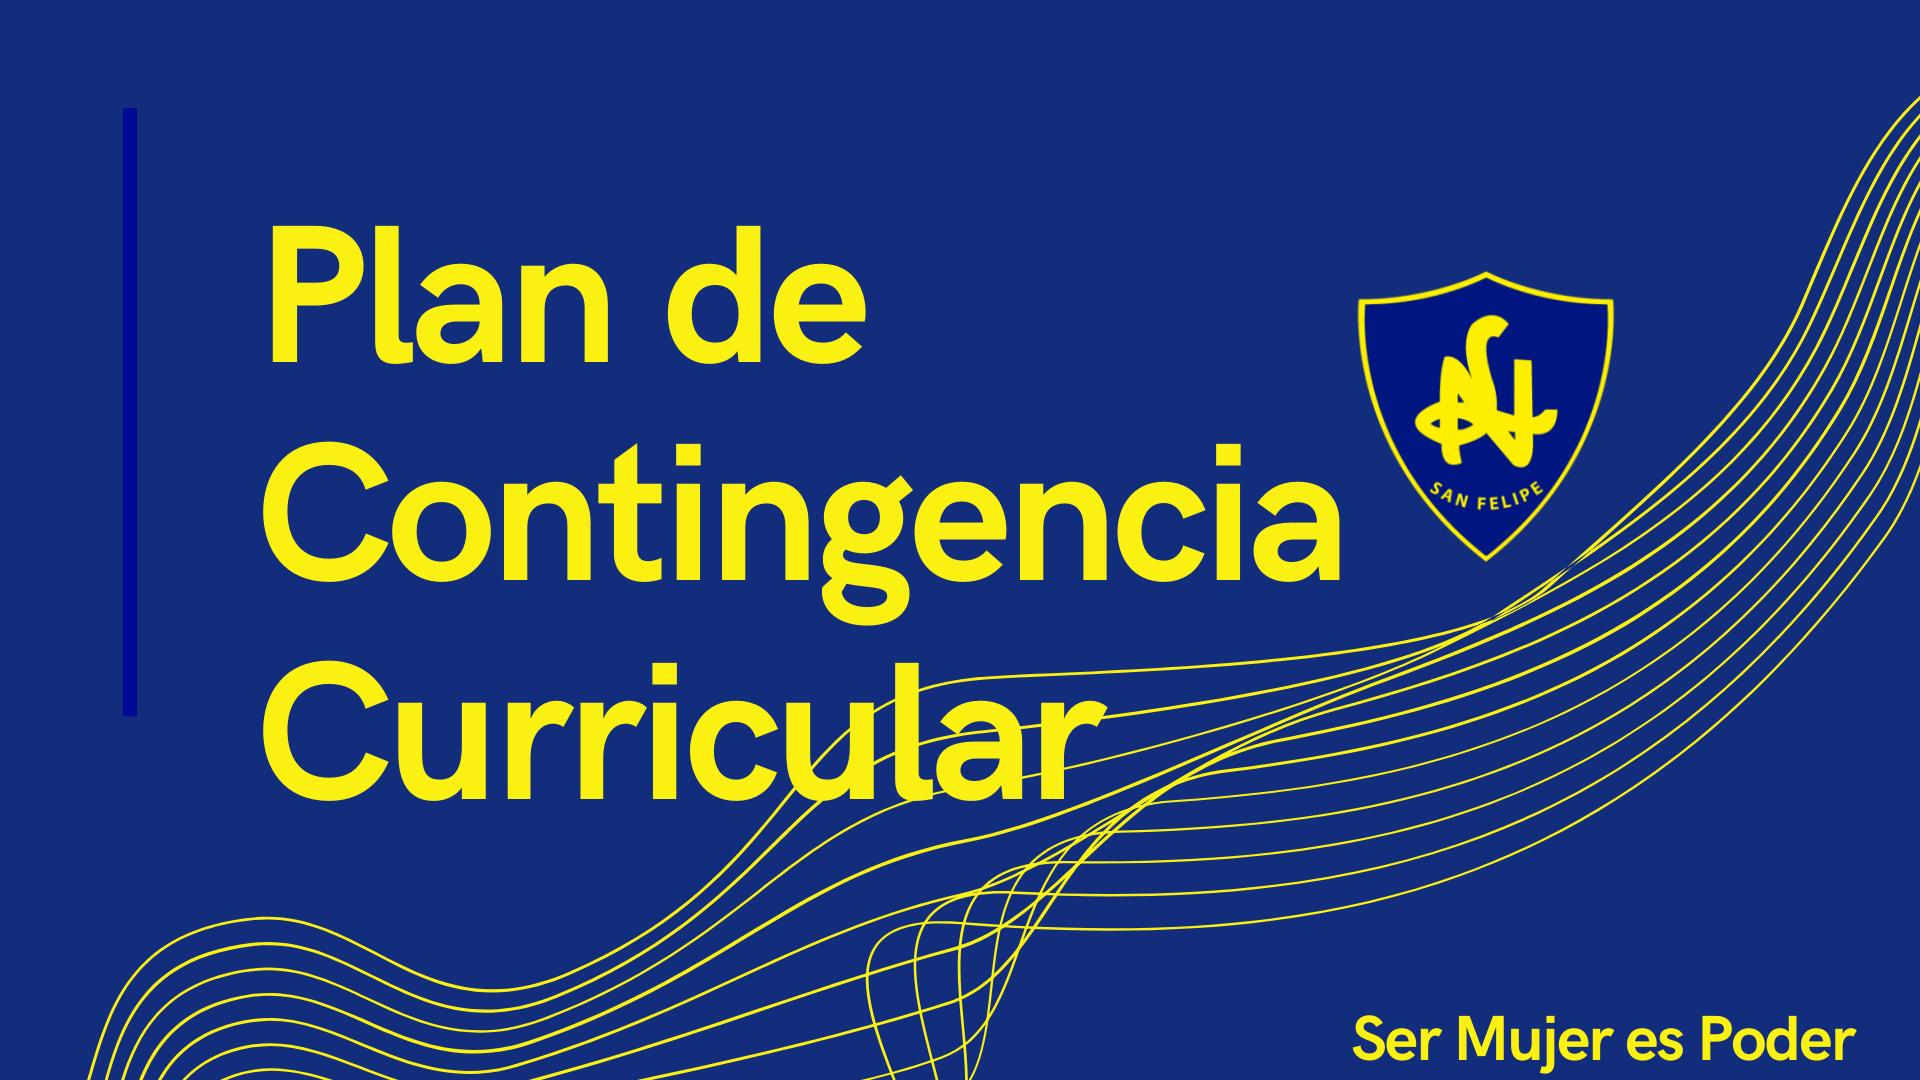 PLAN DE CONTINGENCIA CURRICULAR